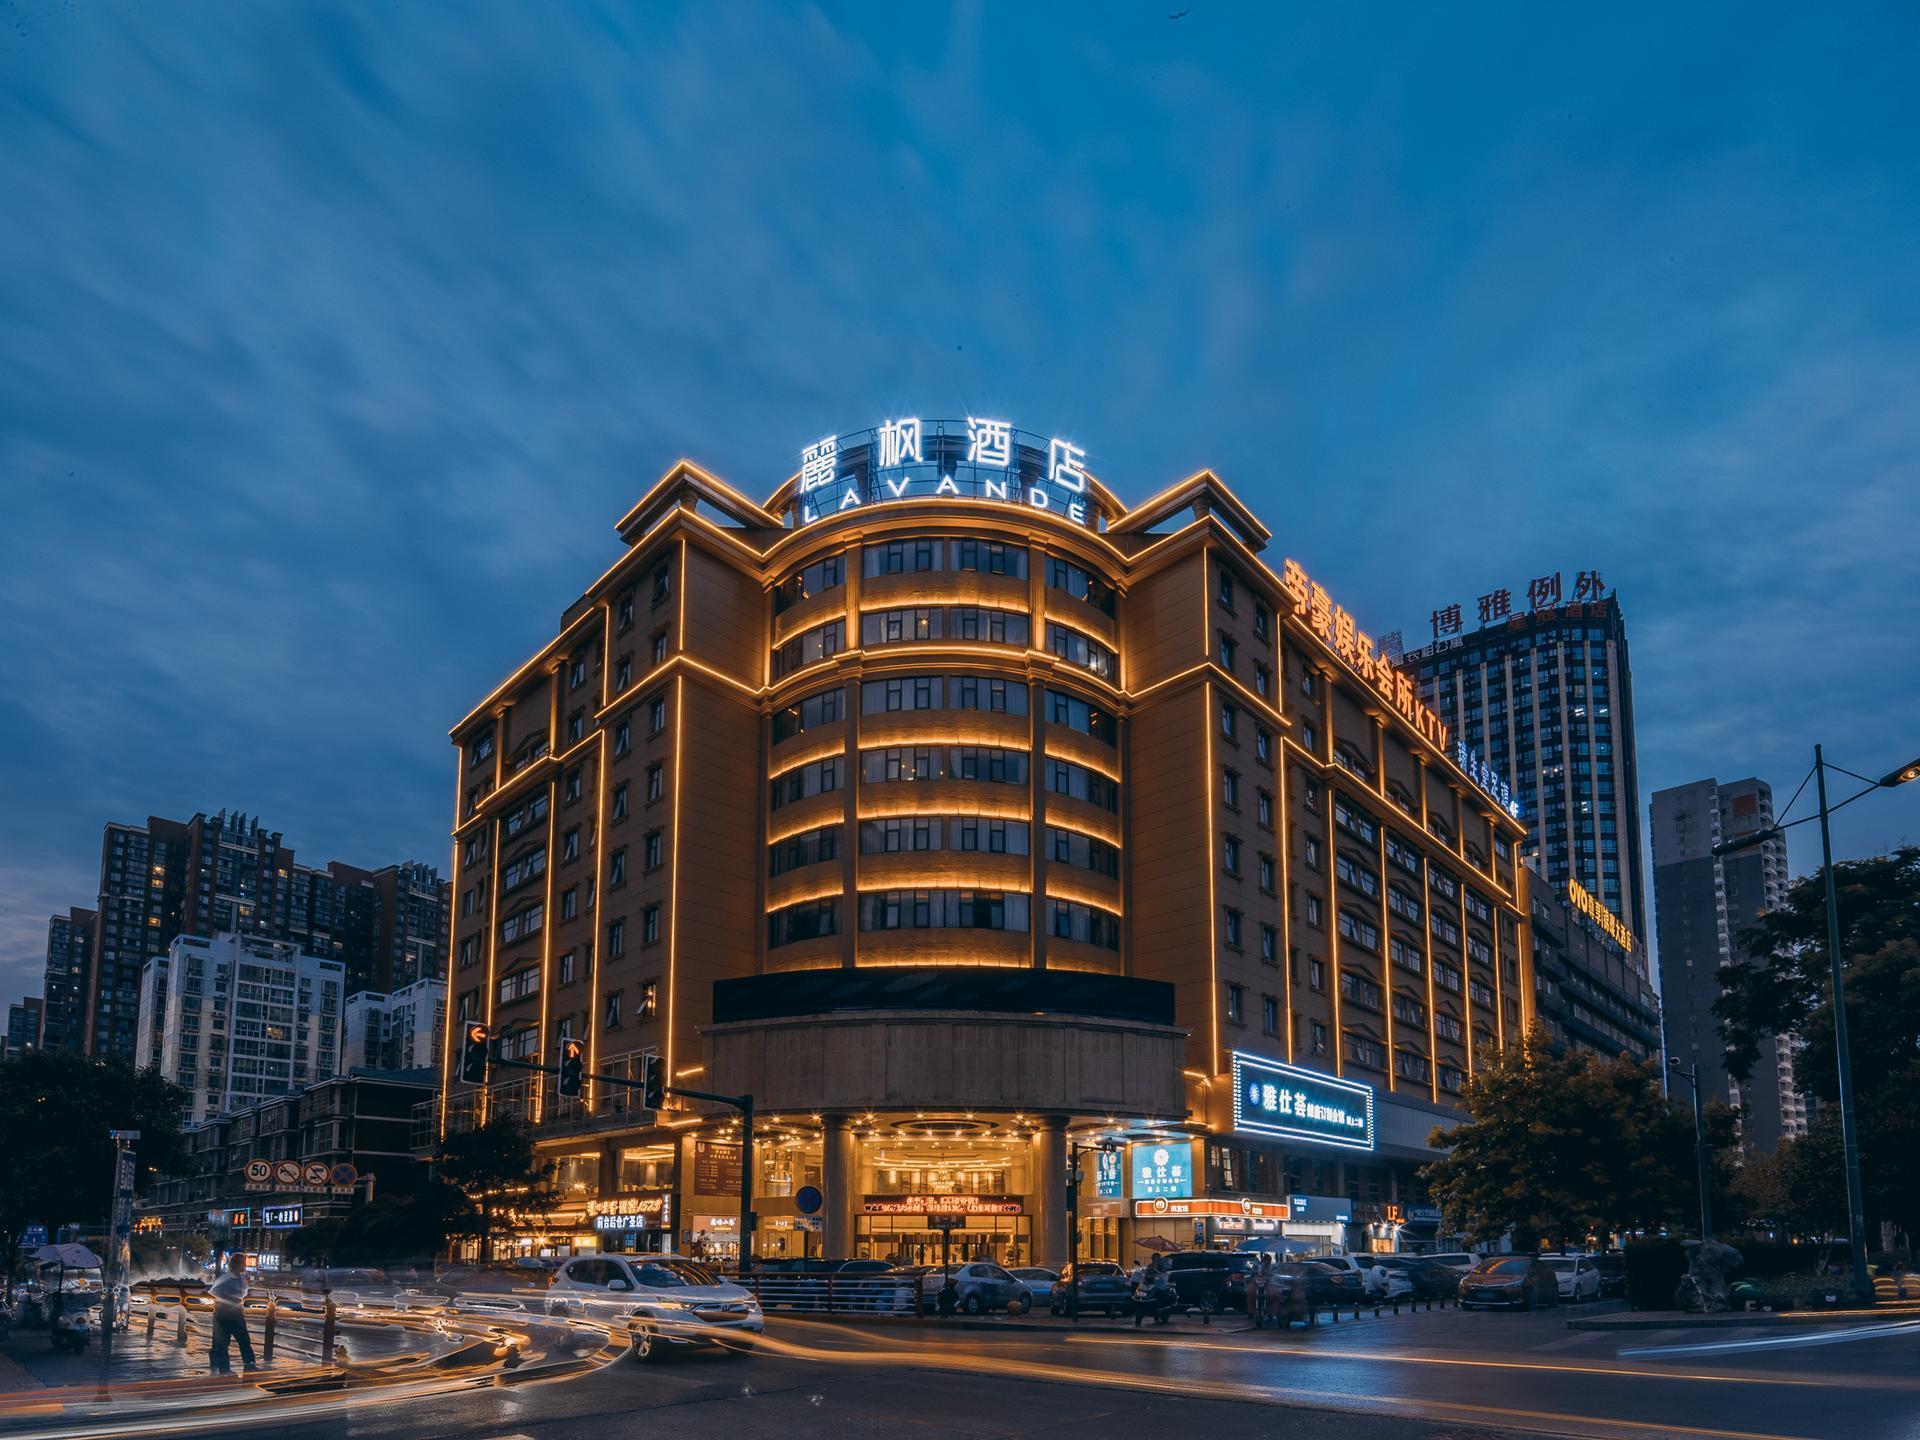 Lavande Hotels Changsha Xingsha Center